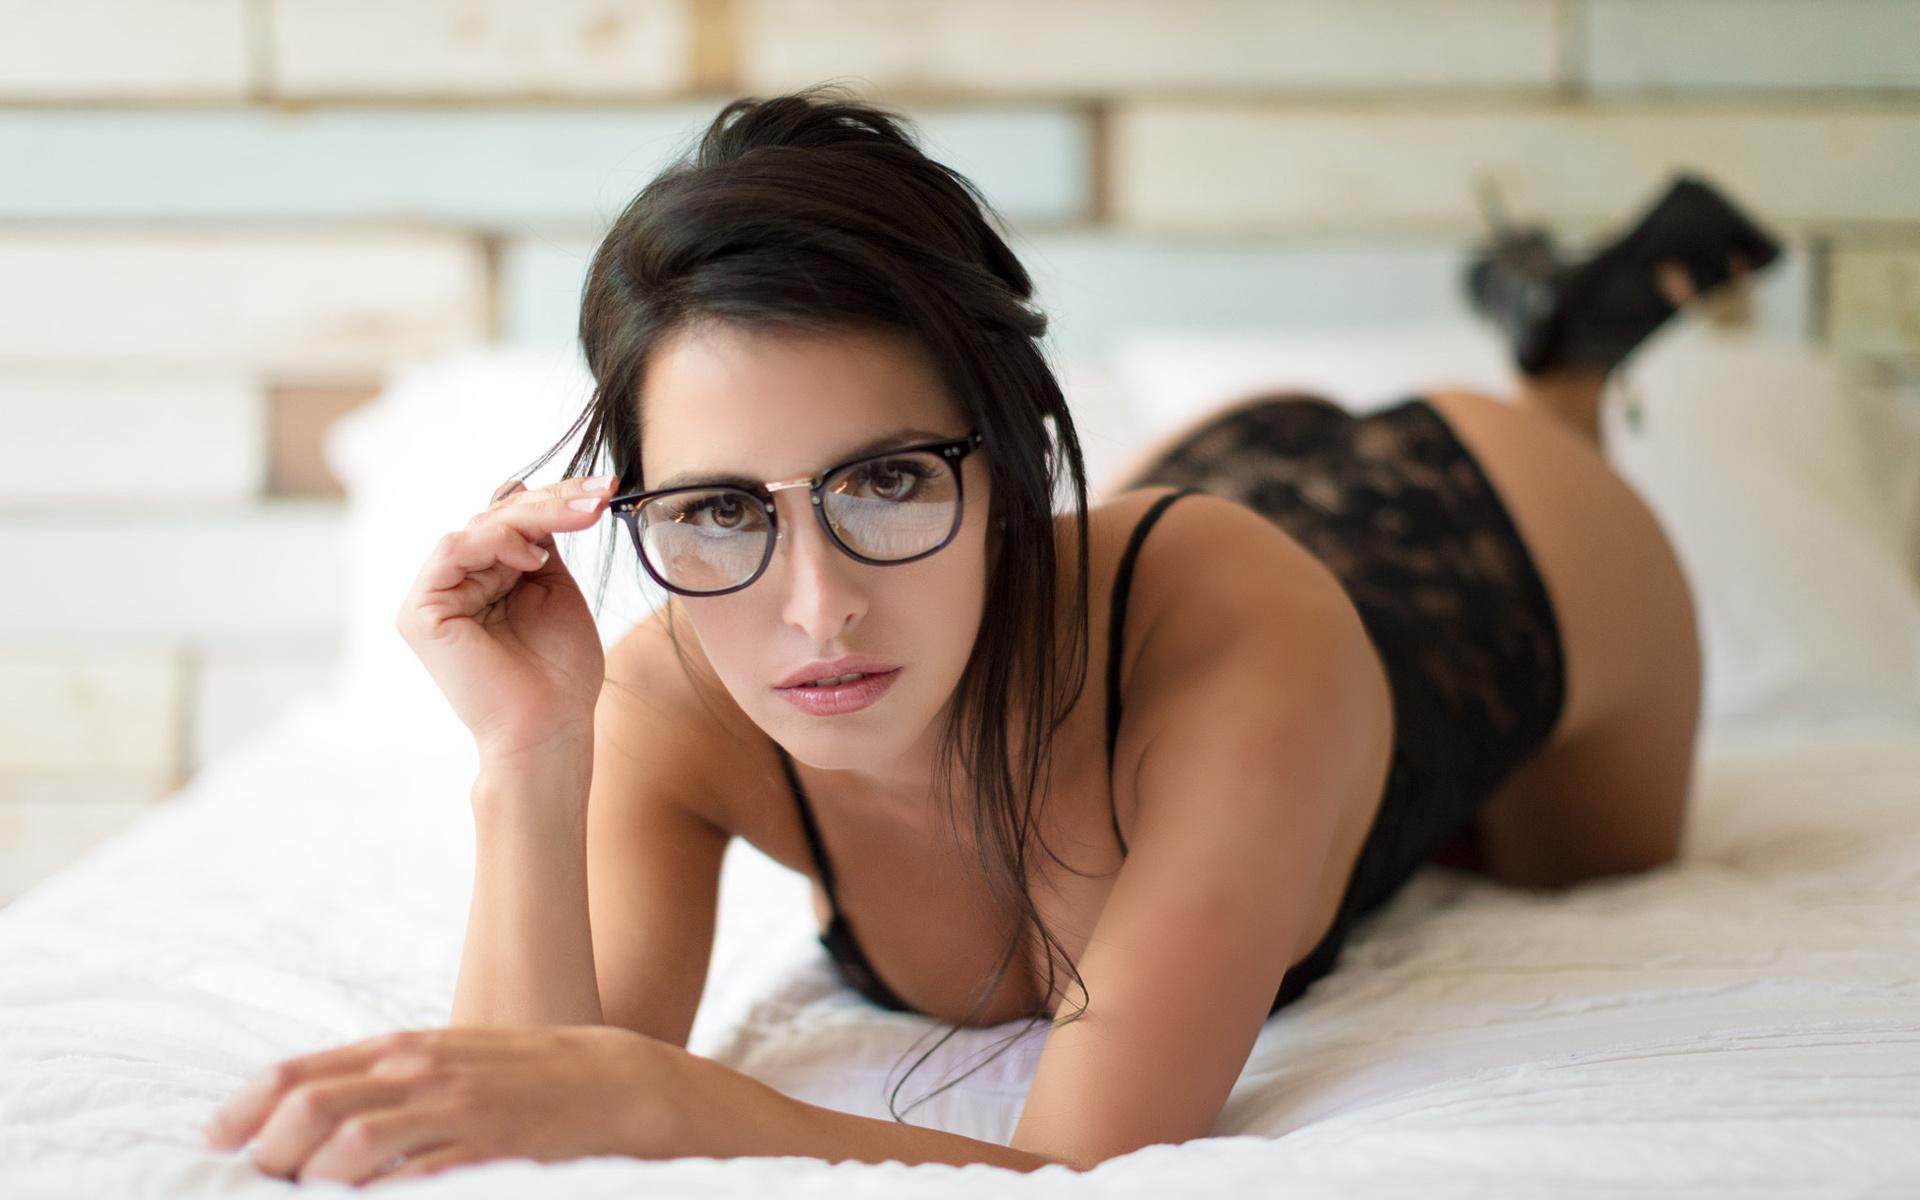 Порно Молоденьких В Очках Видео Скачать